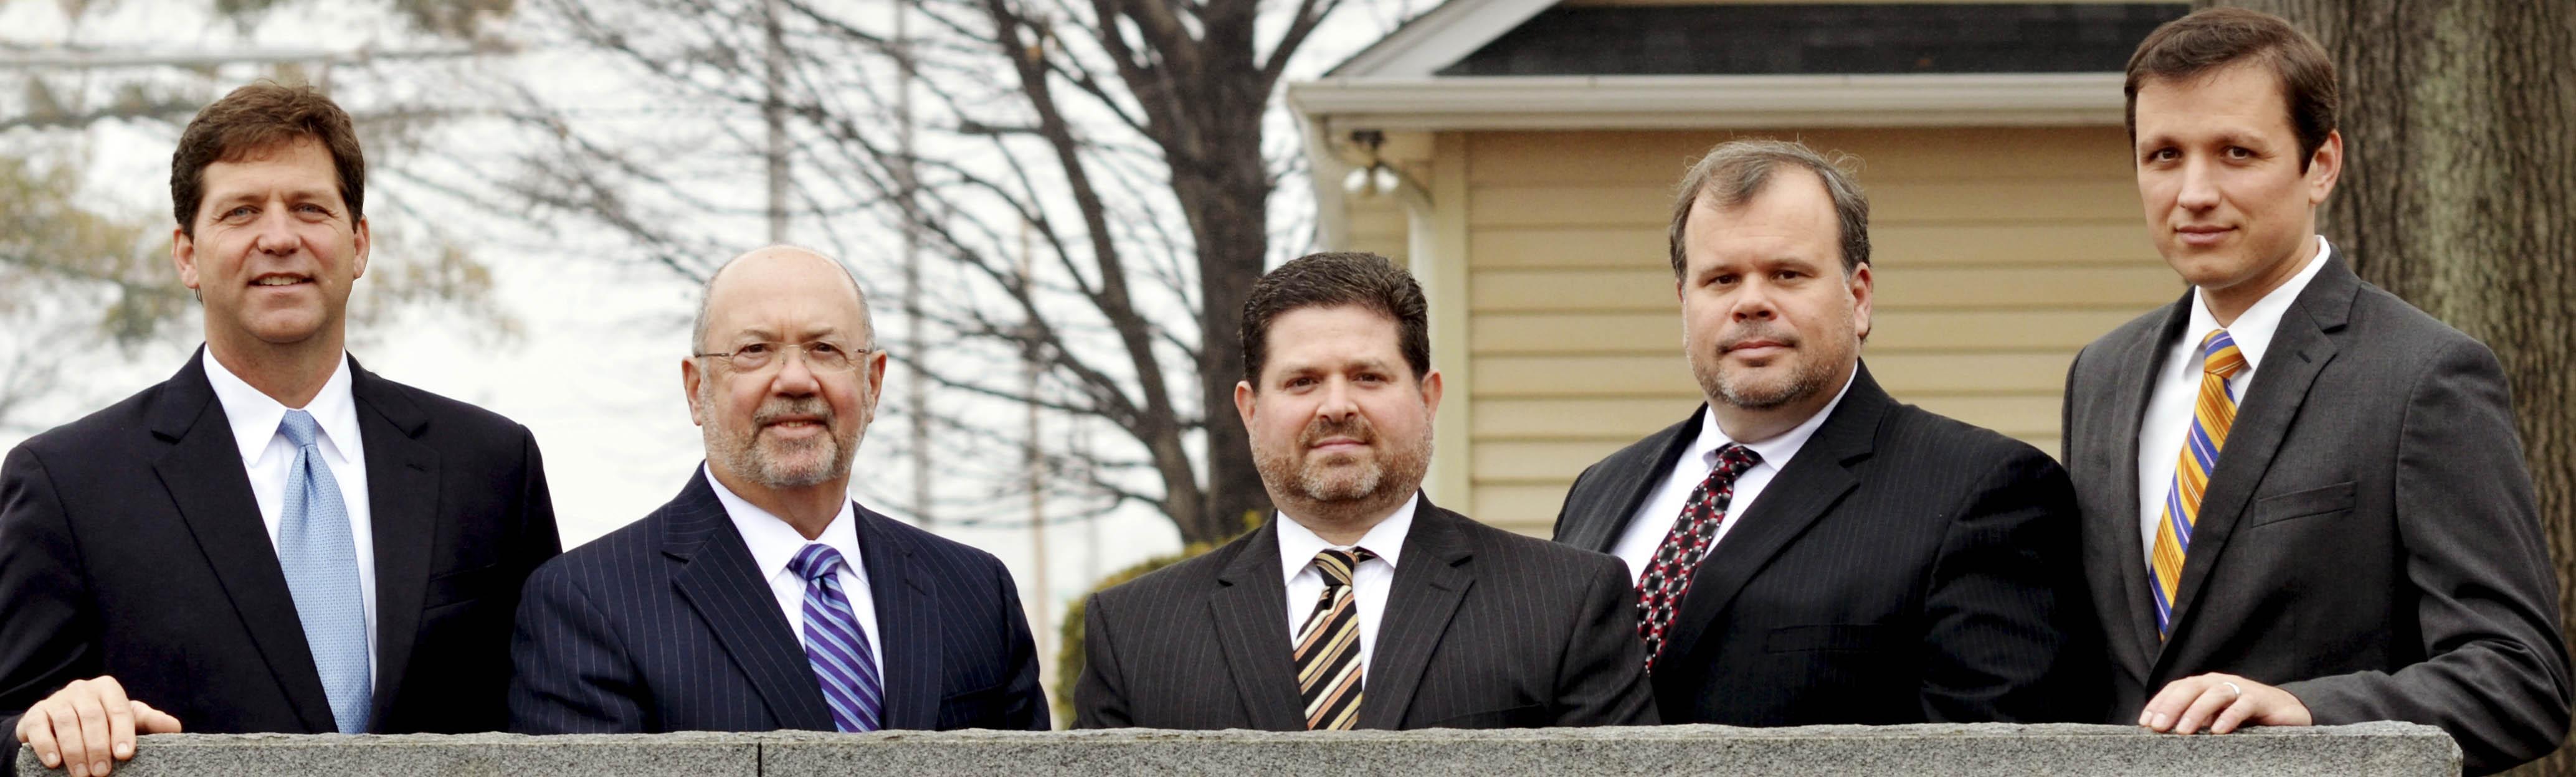 Krause, Moorhead & Draisen, P.A.